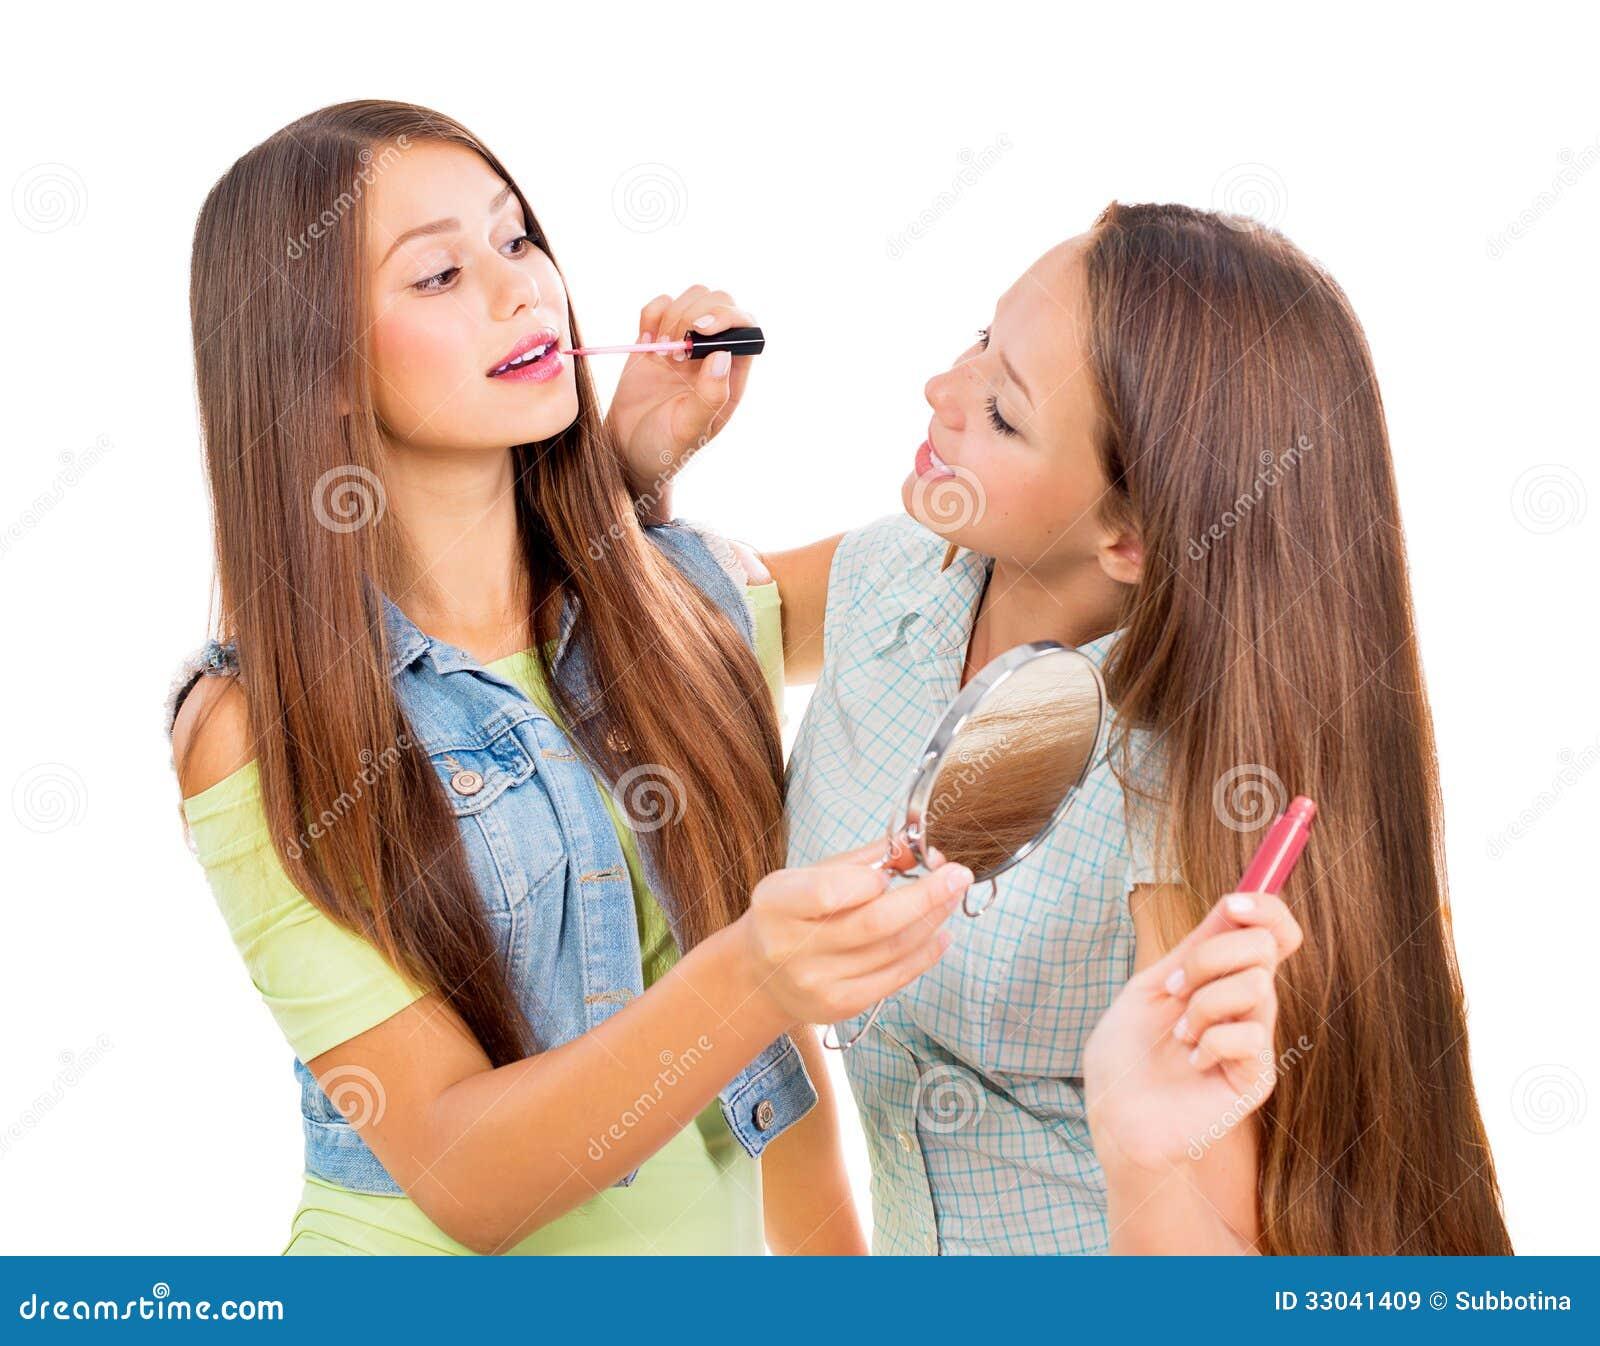 Mooie tieners royalty vrije stock afbeeldingen afbeelding 33041409 - Tiener meisje foto ...